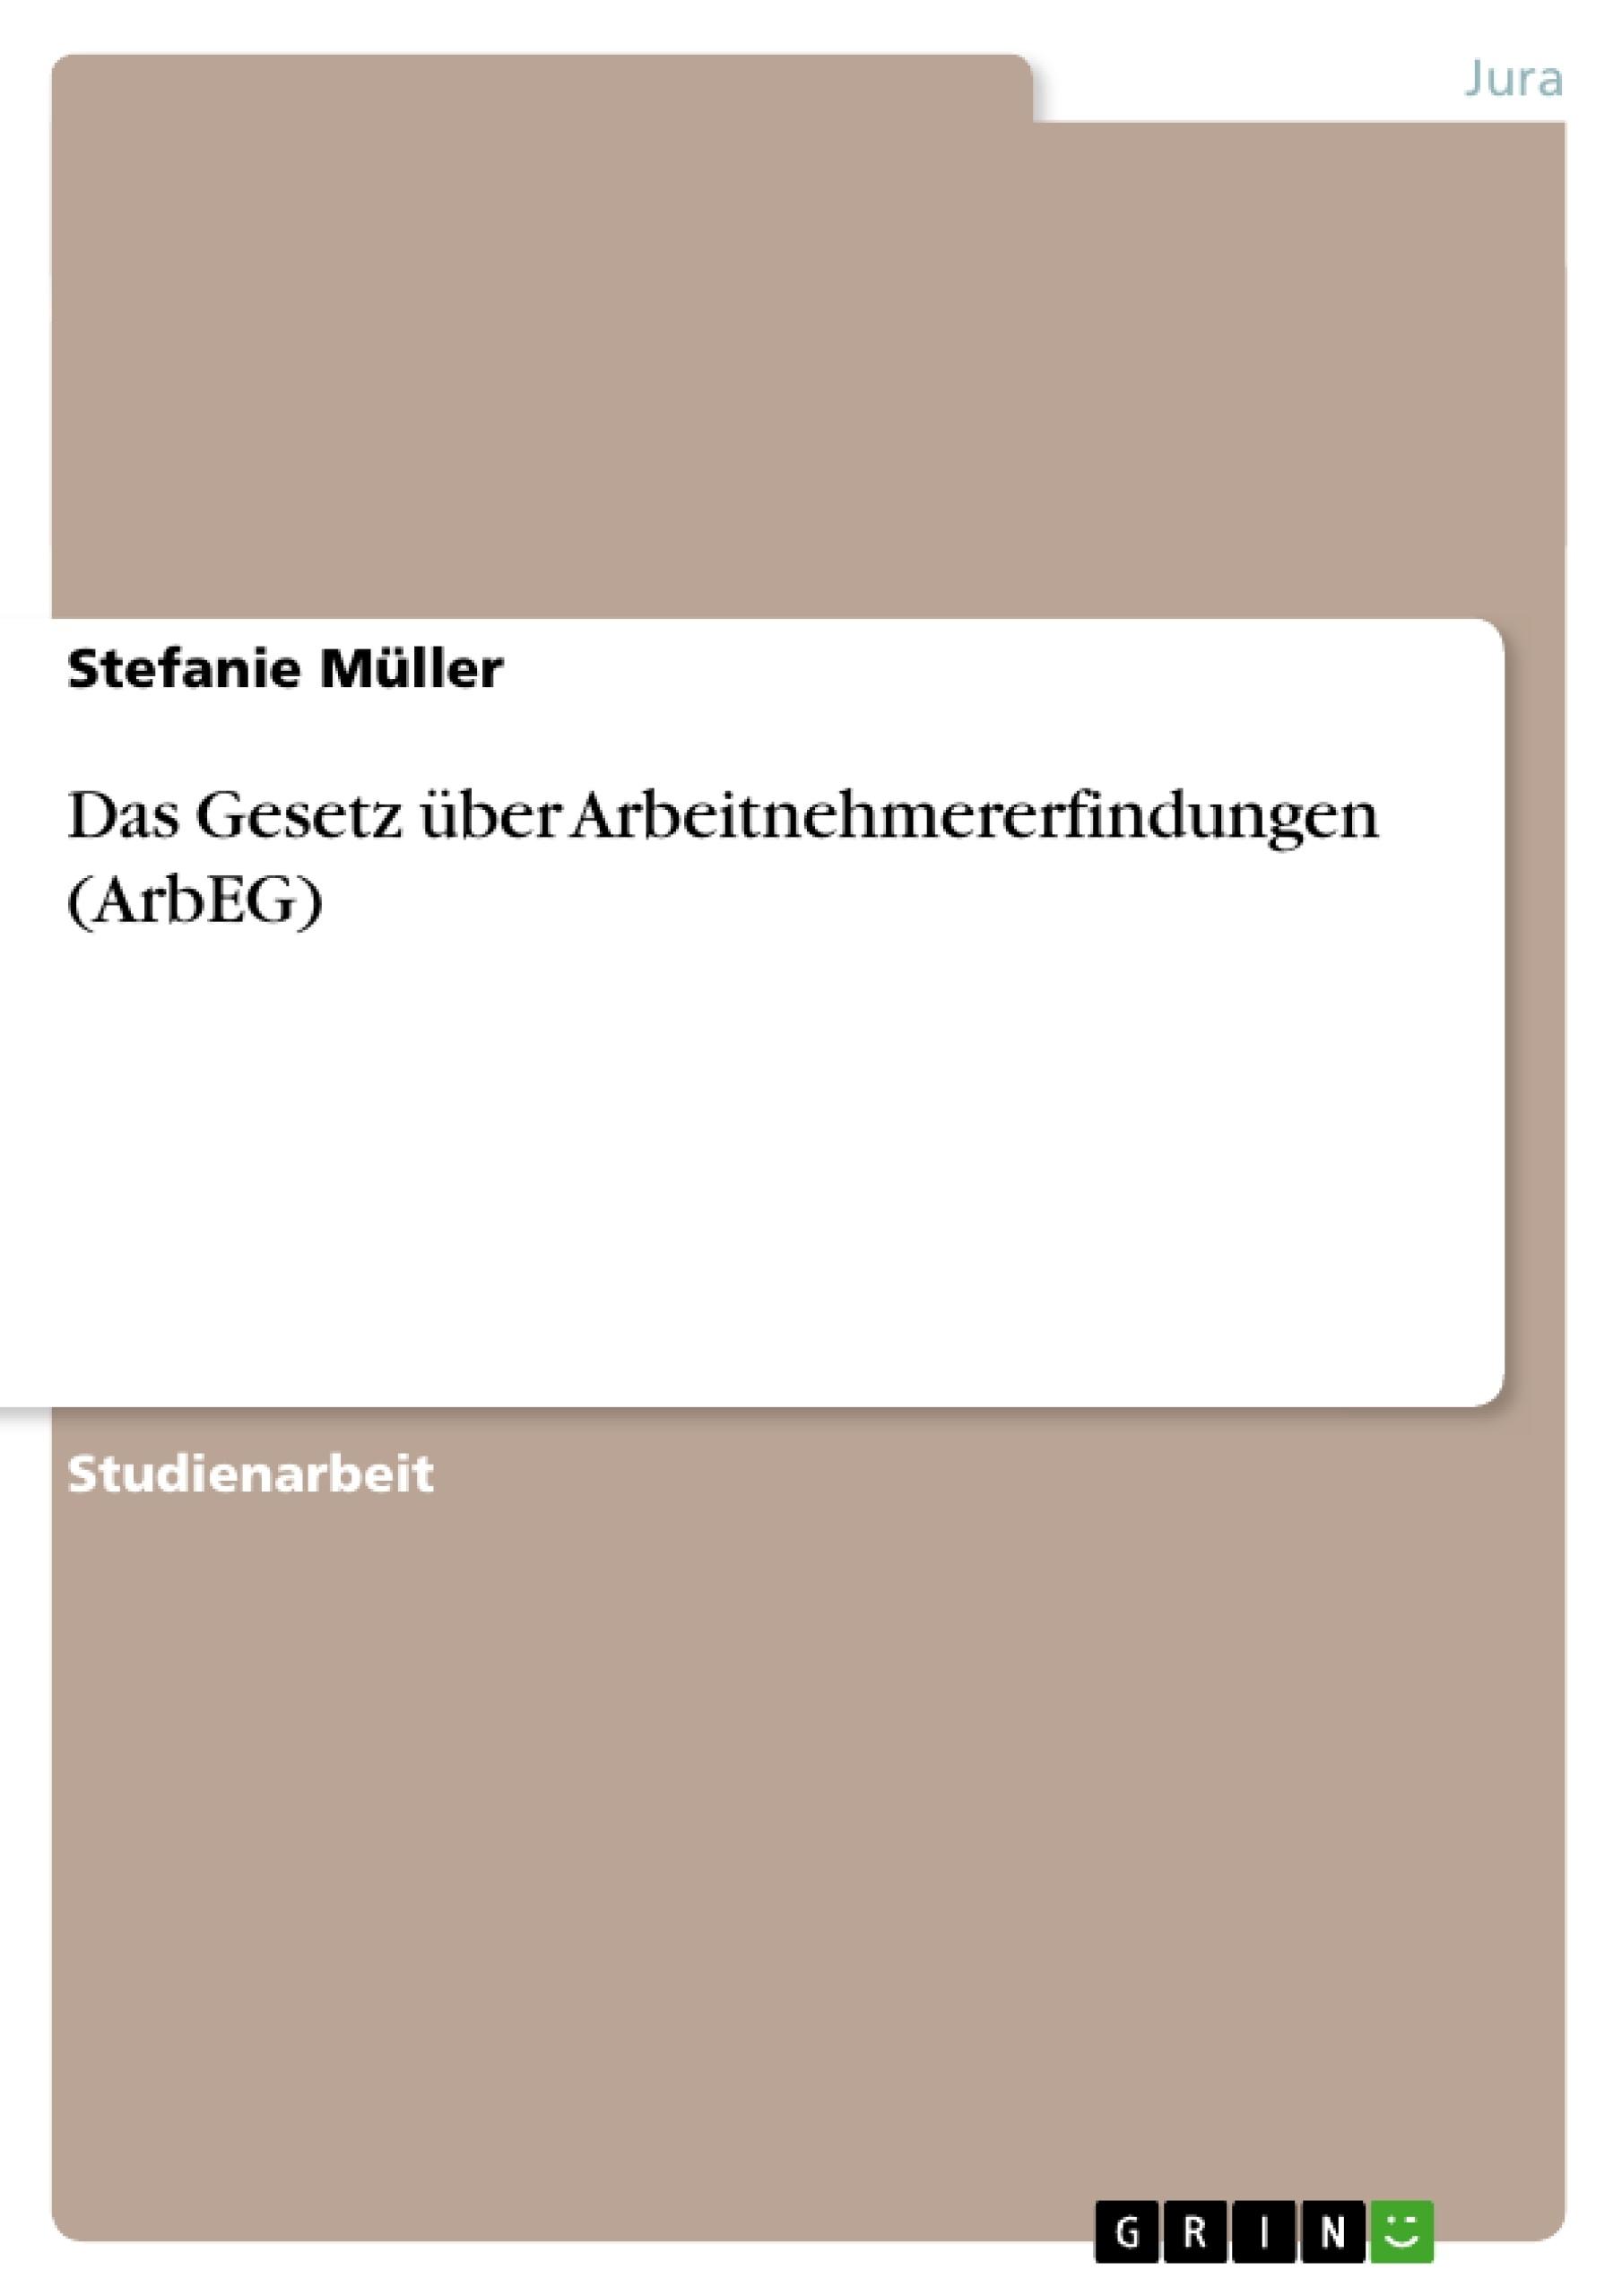 Titel: Das Gesetz über Arbeitnehmererfindungen (ArbEG)